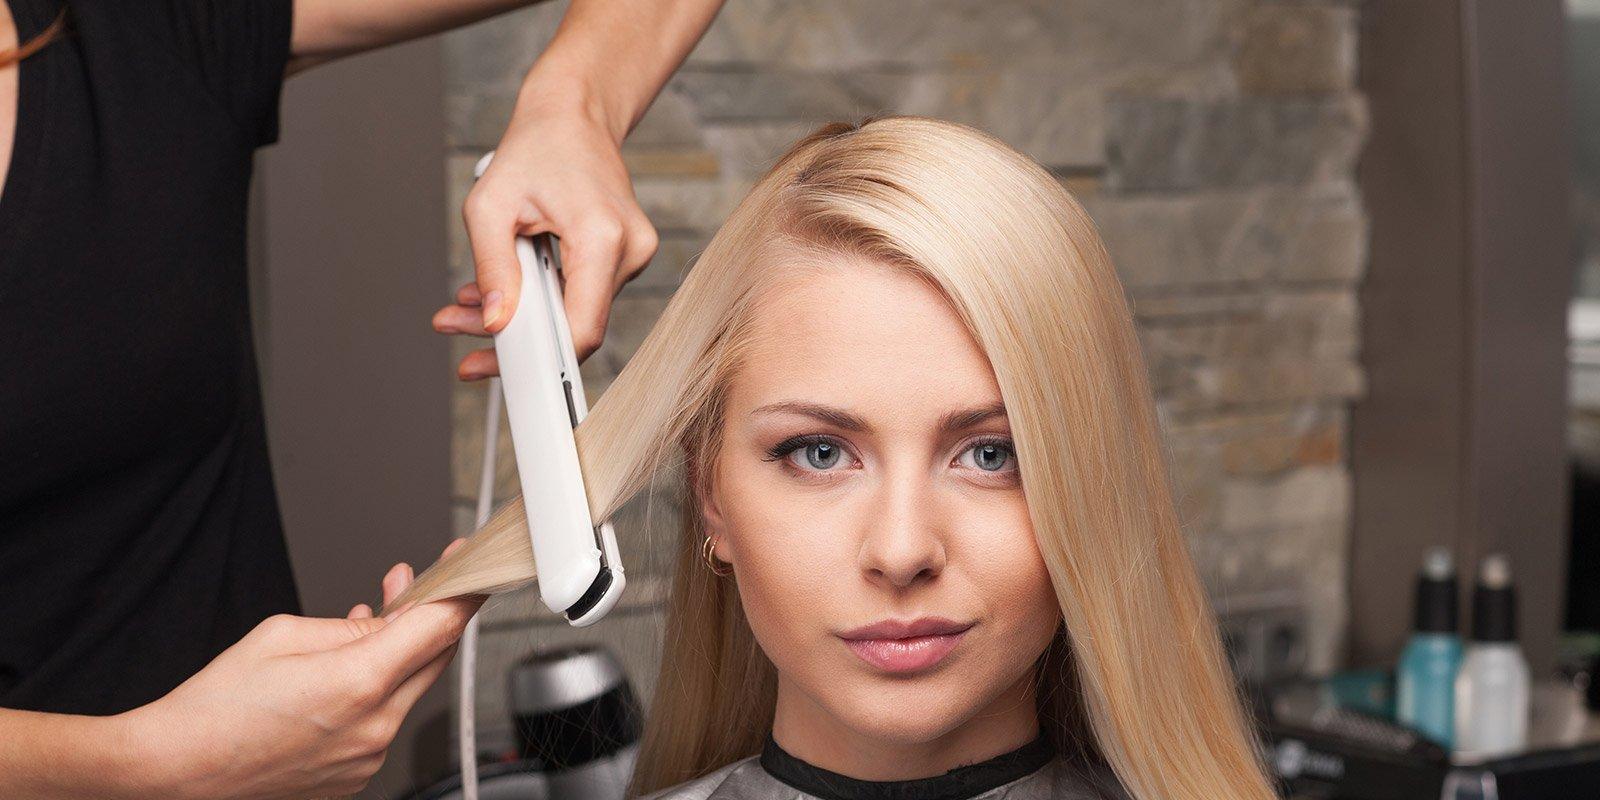 Parrucchiere usa piastra lisciante su capelli biondi